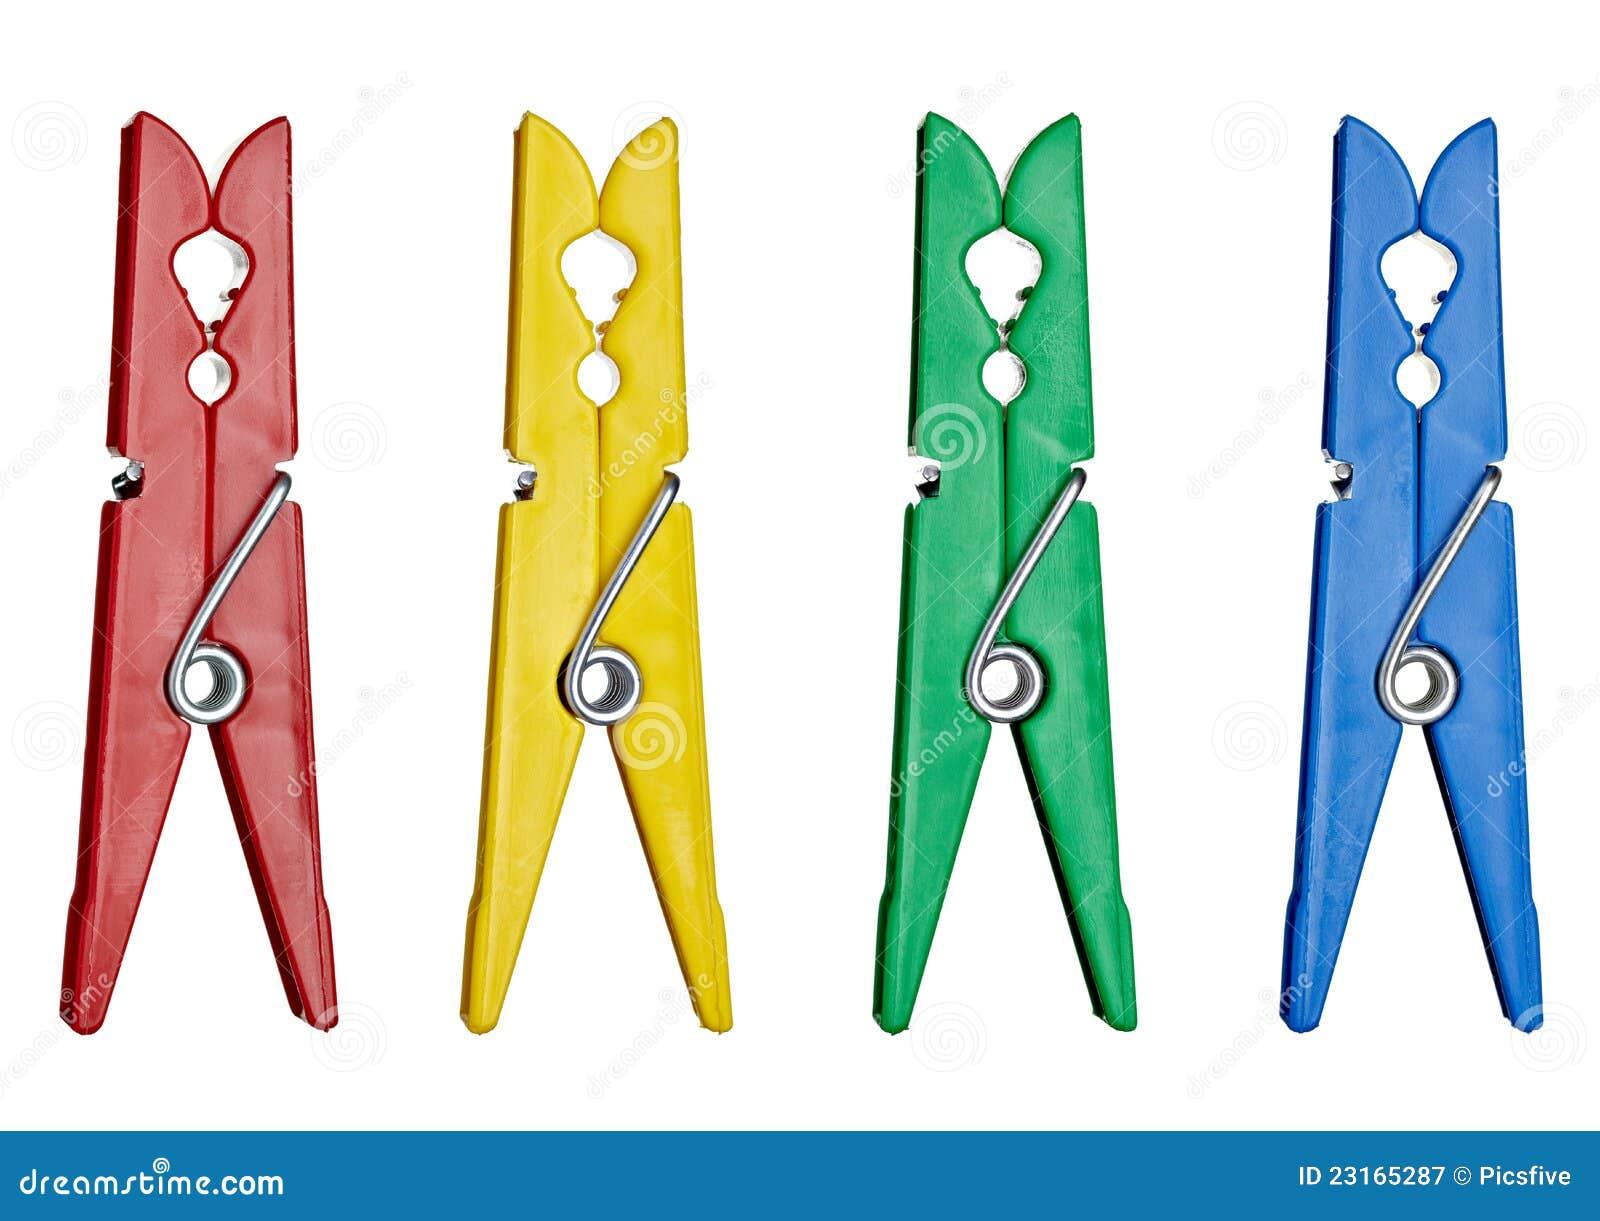 clothes peg clip art - photo #39